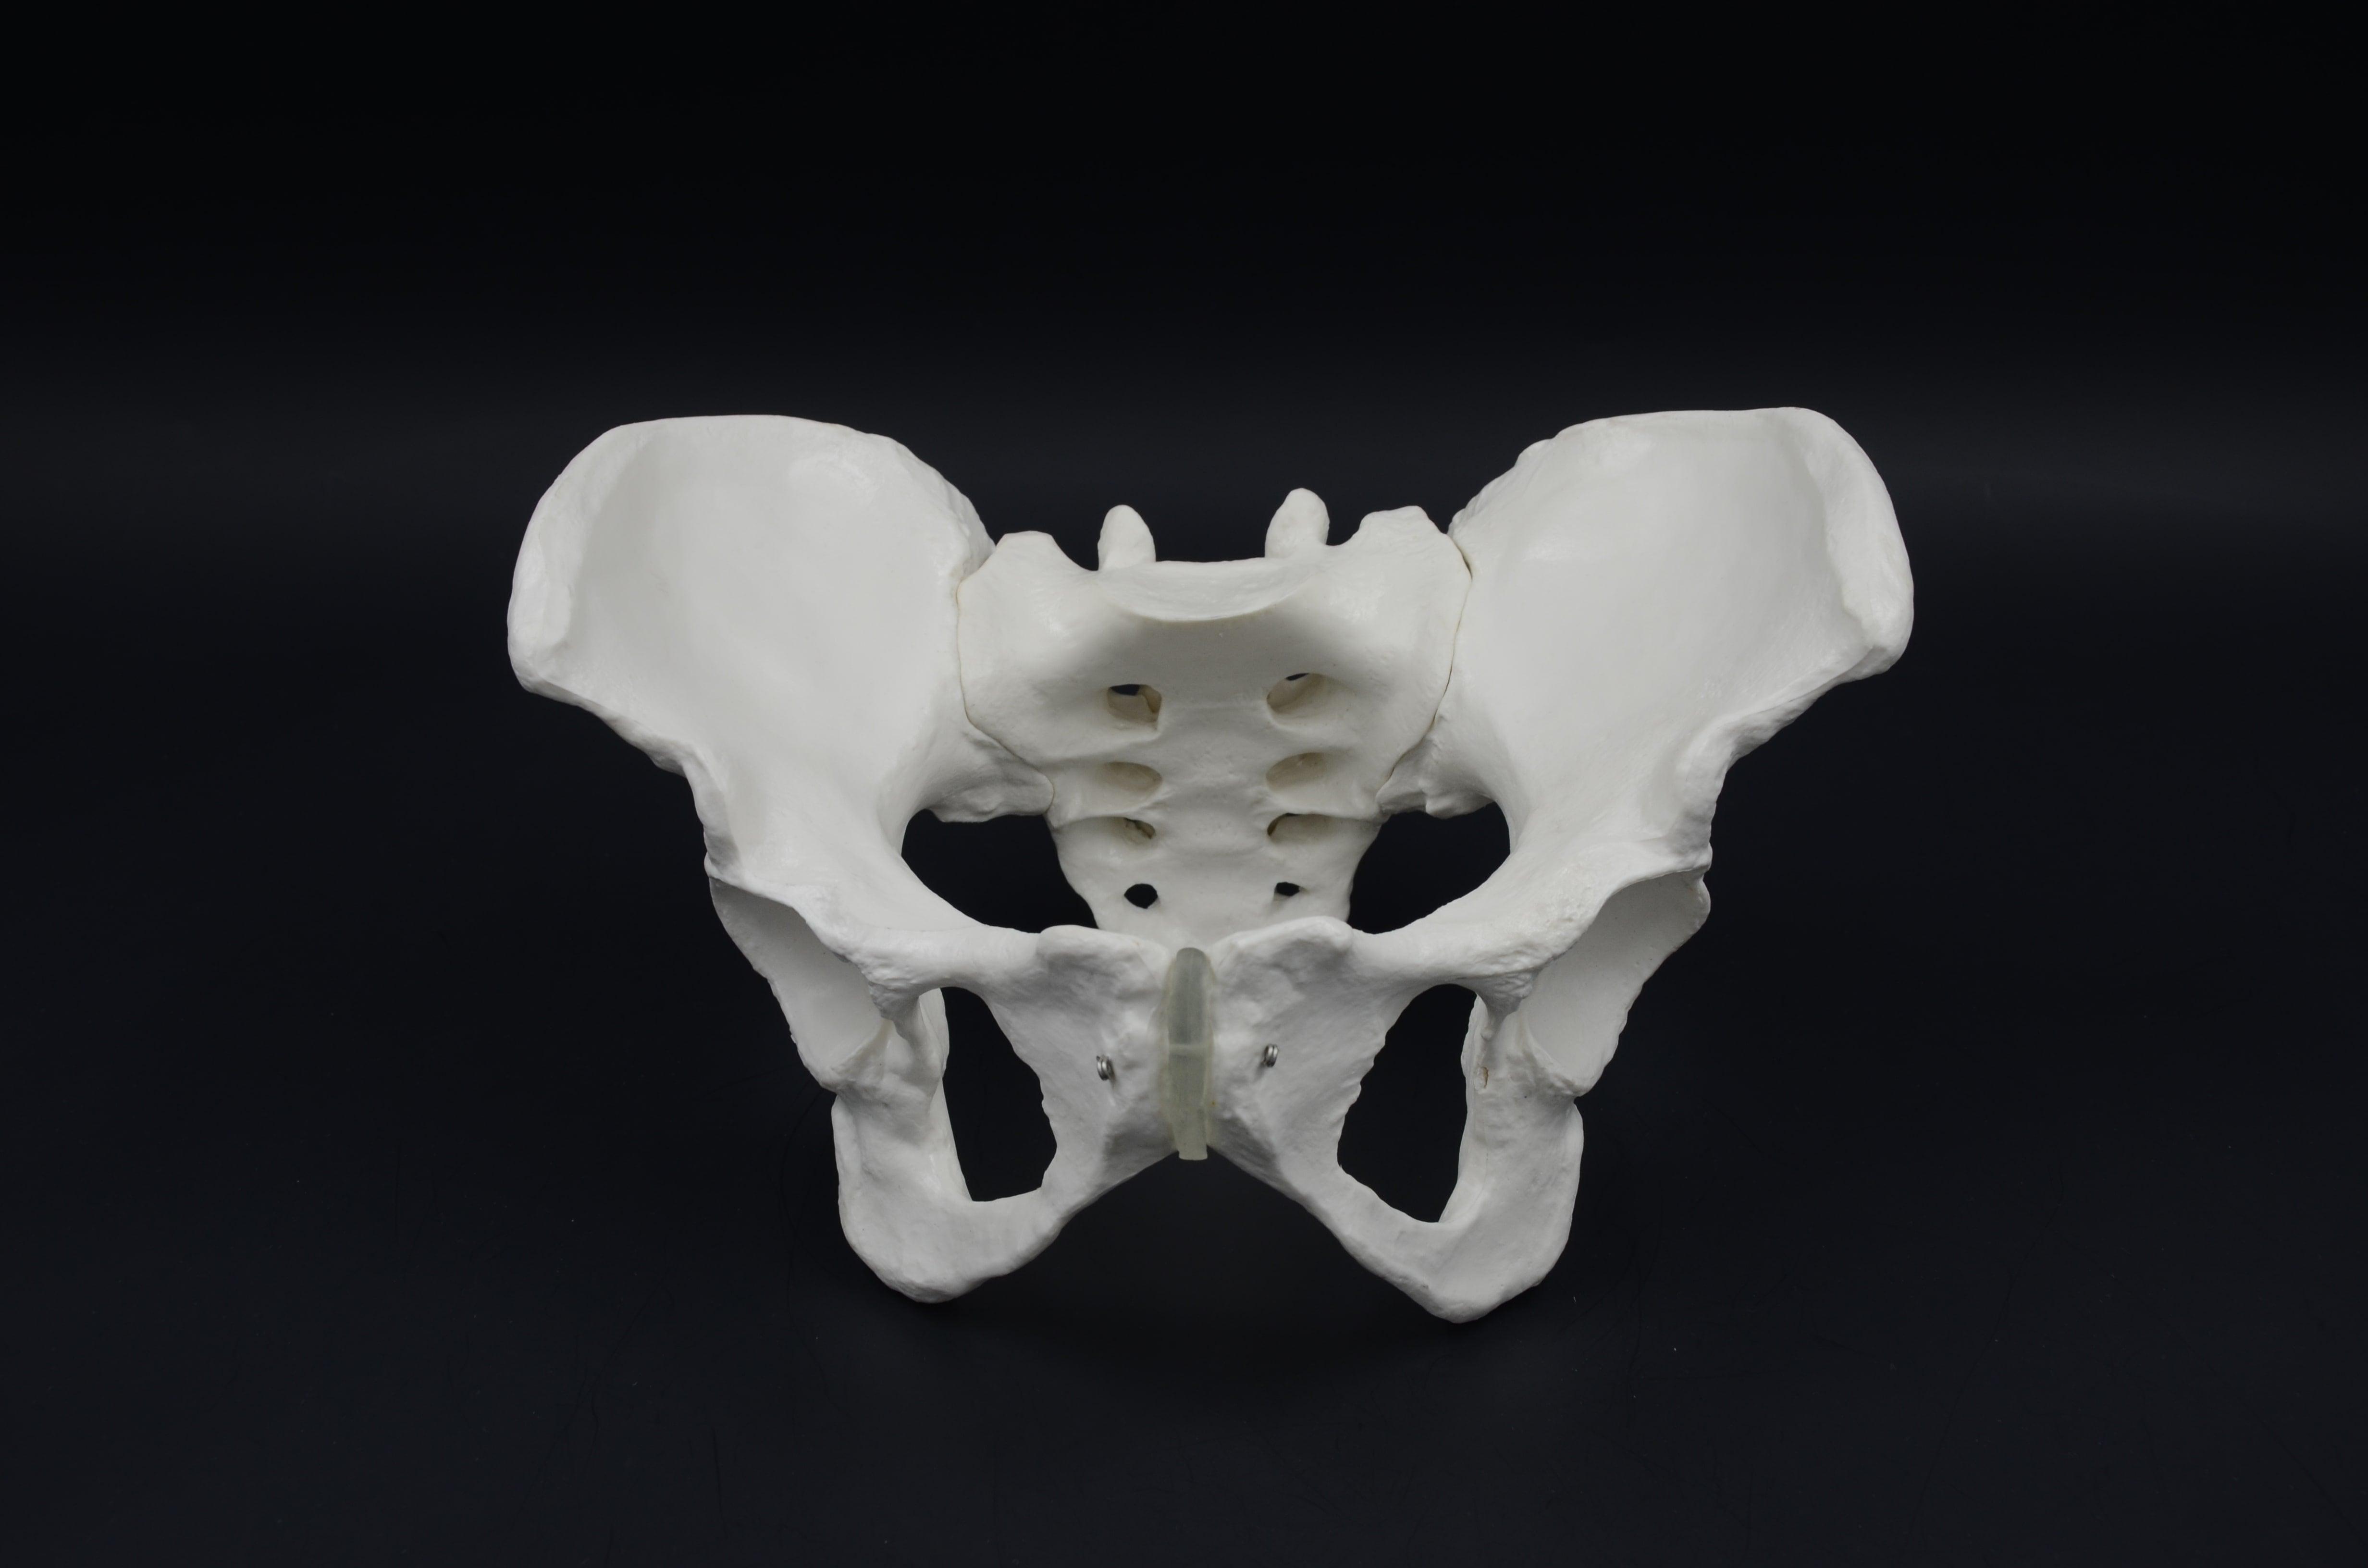 דגם אנטומי - עצמות האגן הנשי